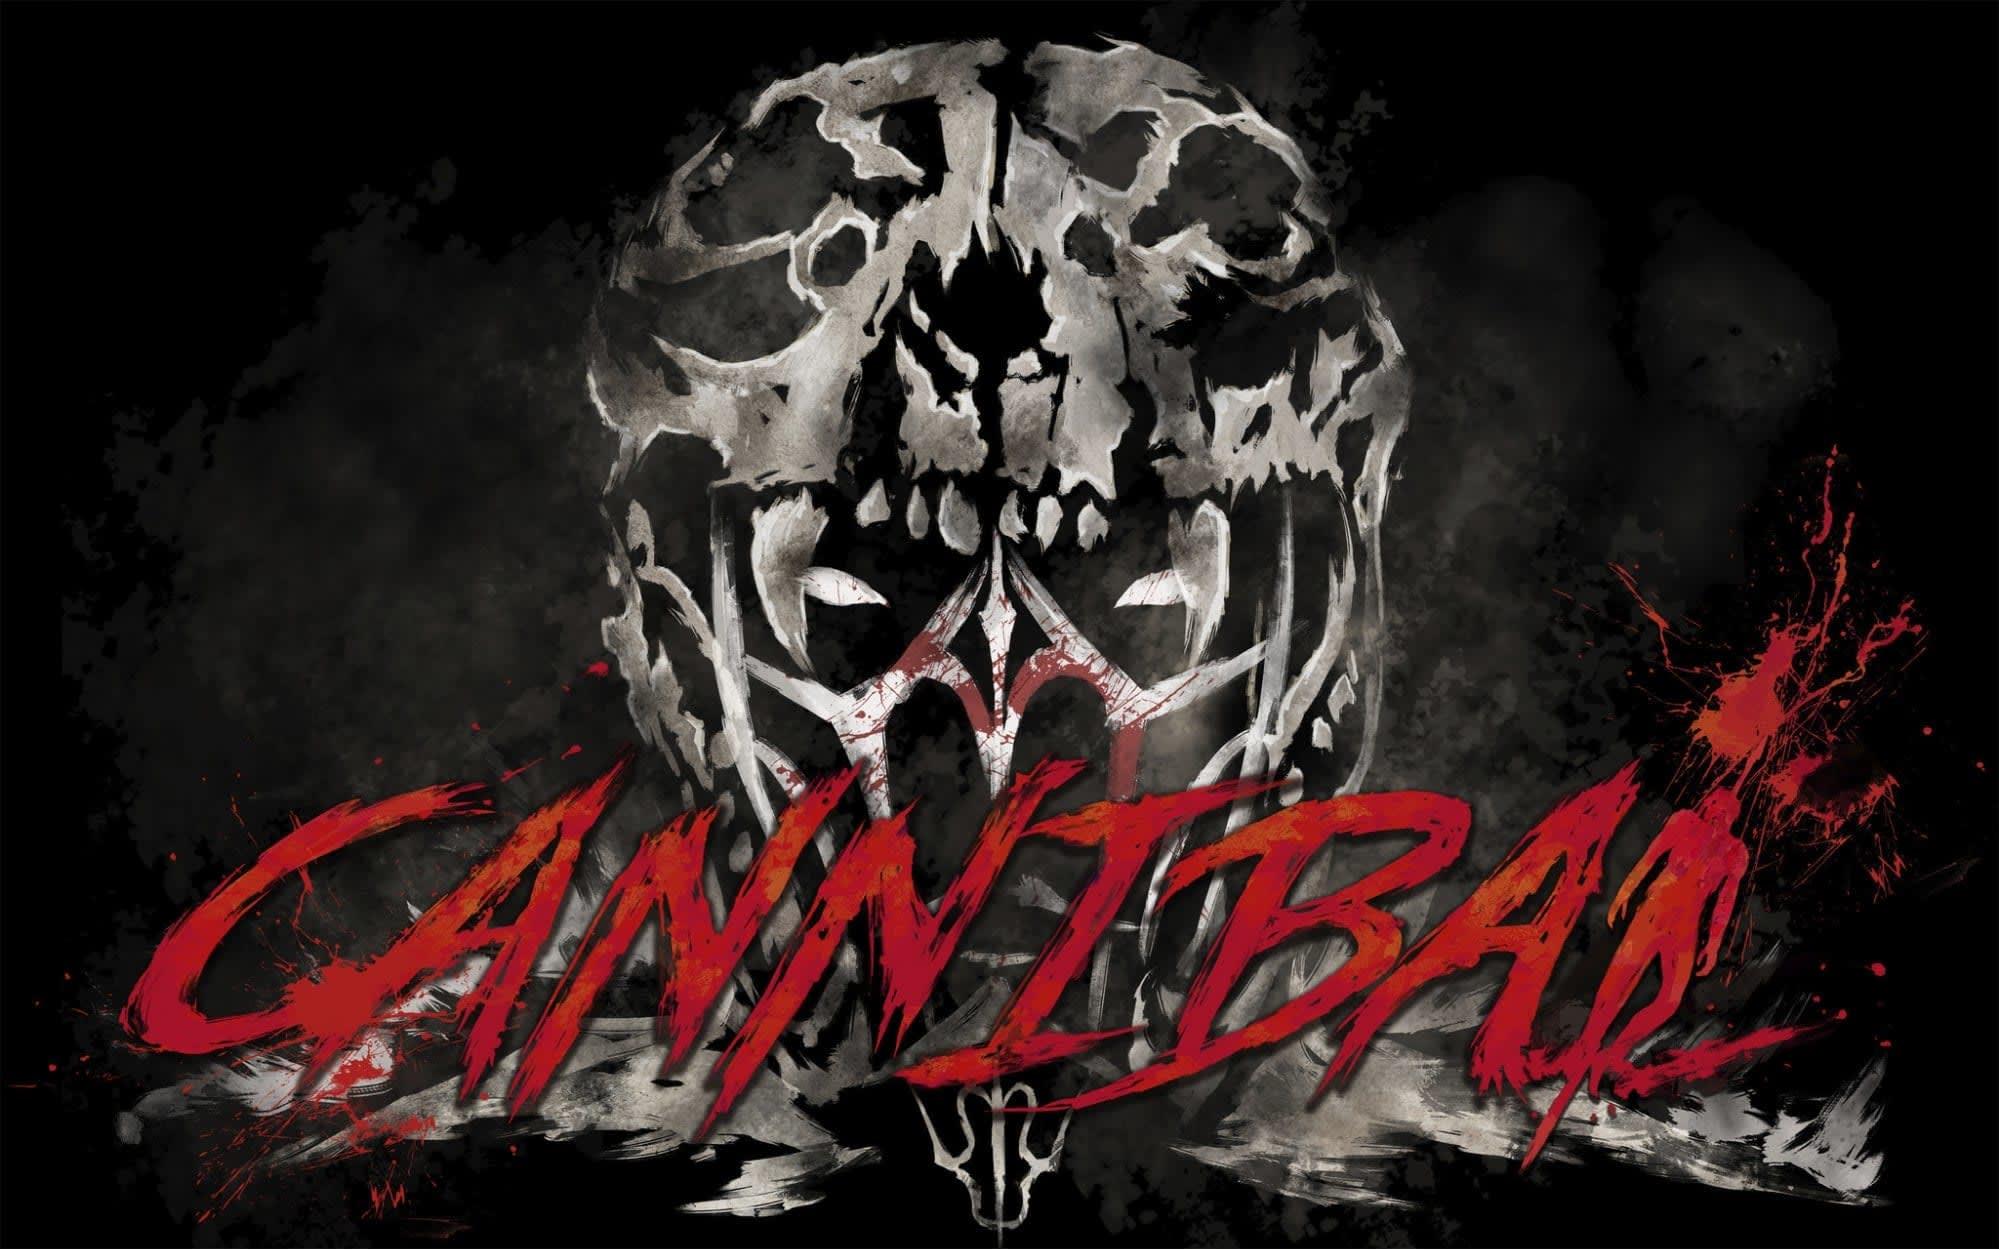 khu vực hù dọa cannibal